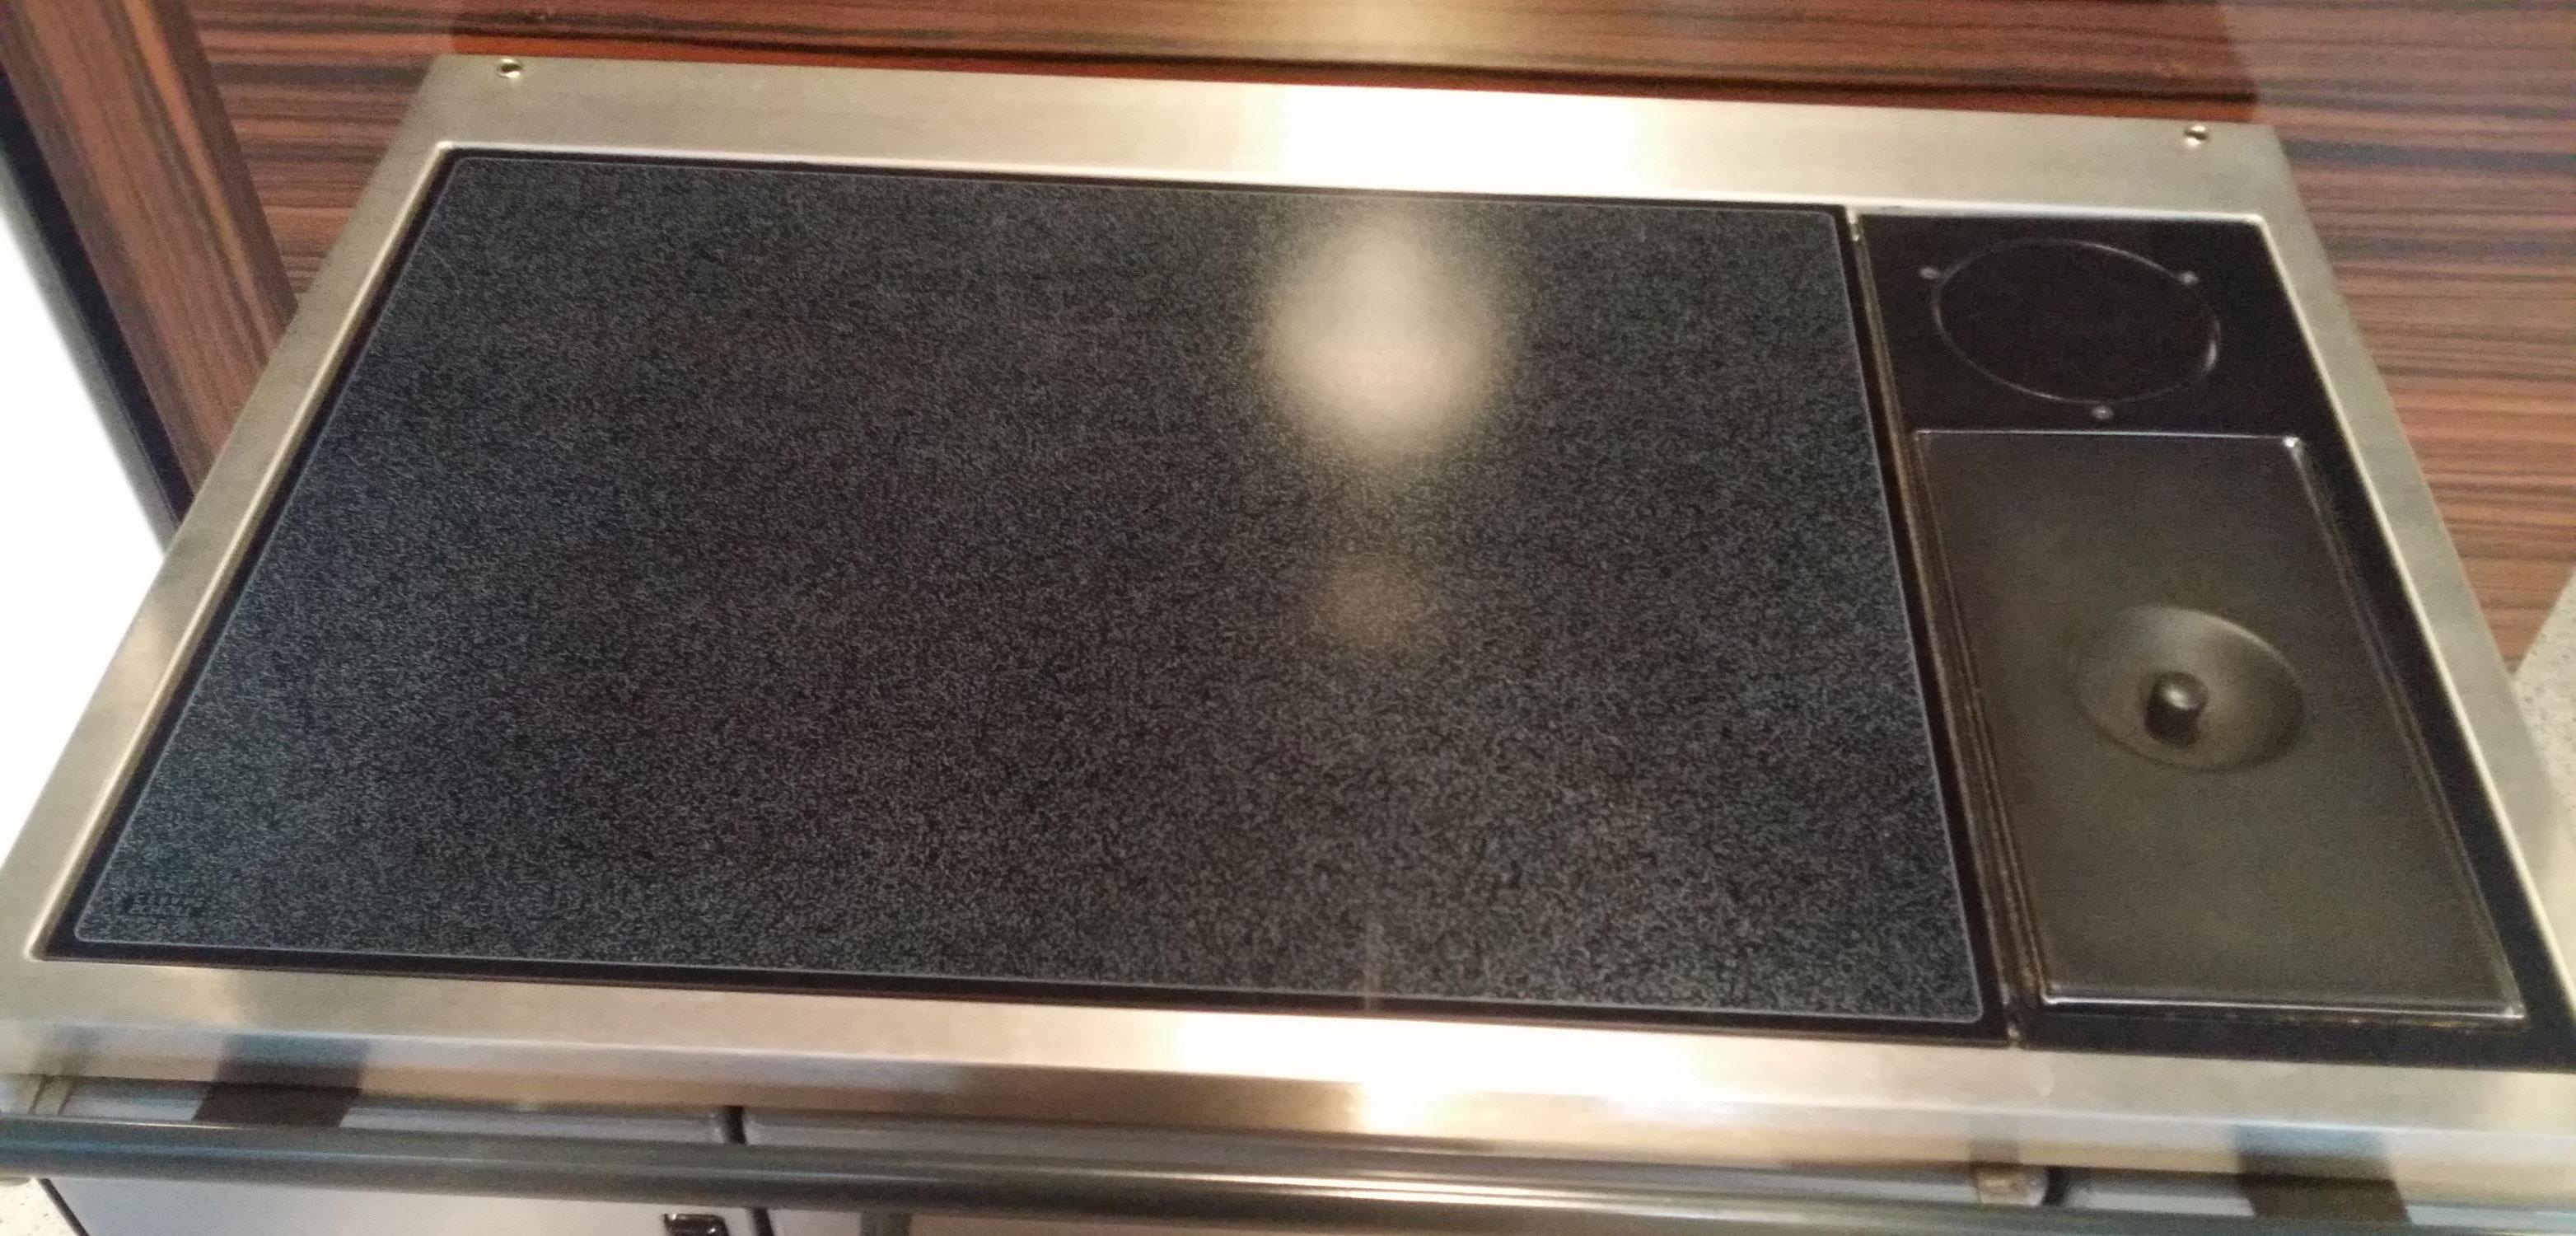 Küchenherd / Kohleherd Wamsler K138F schwarz Ceran Anschl rechts oben Bild 2